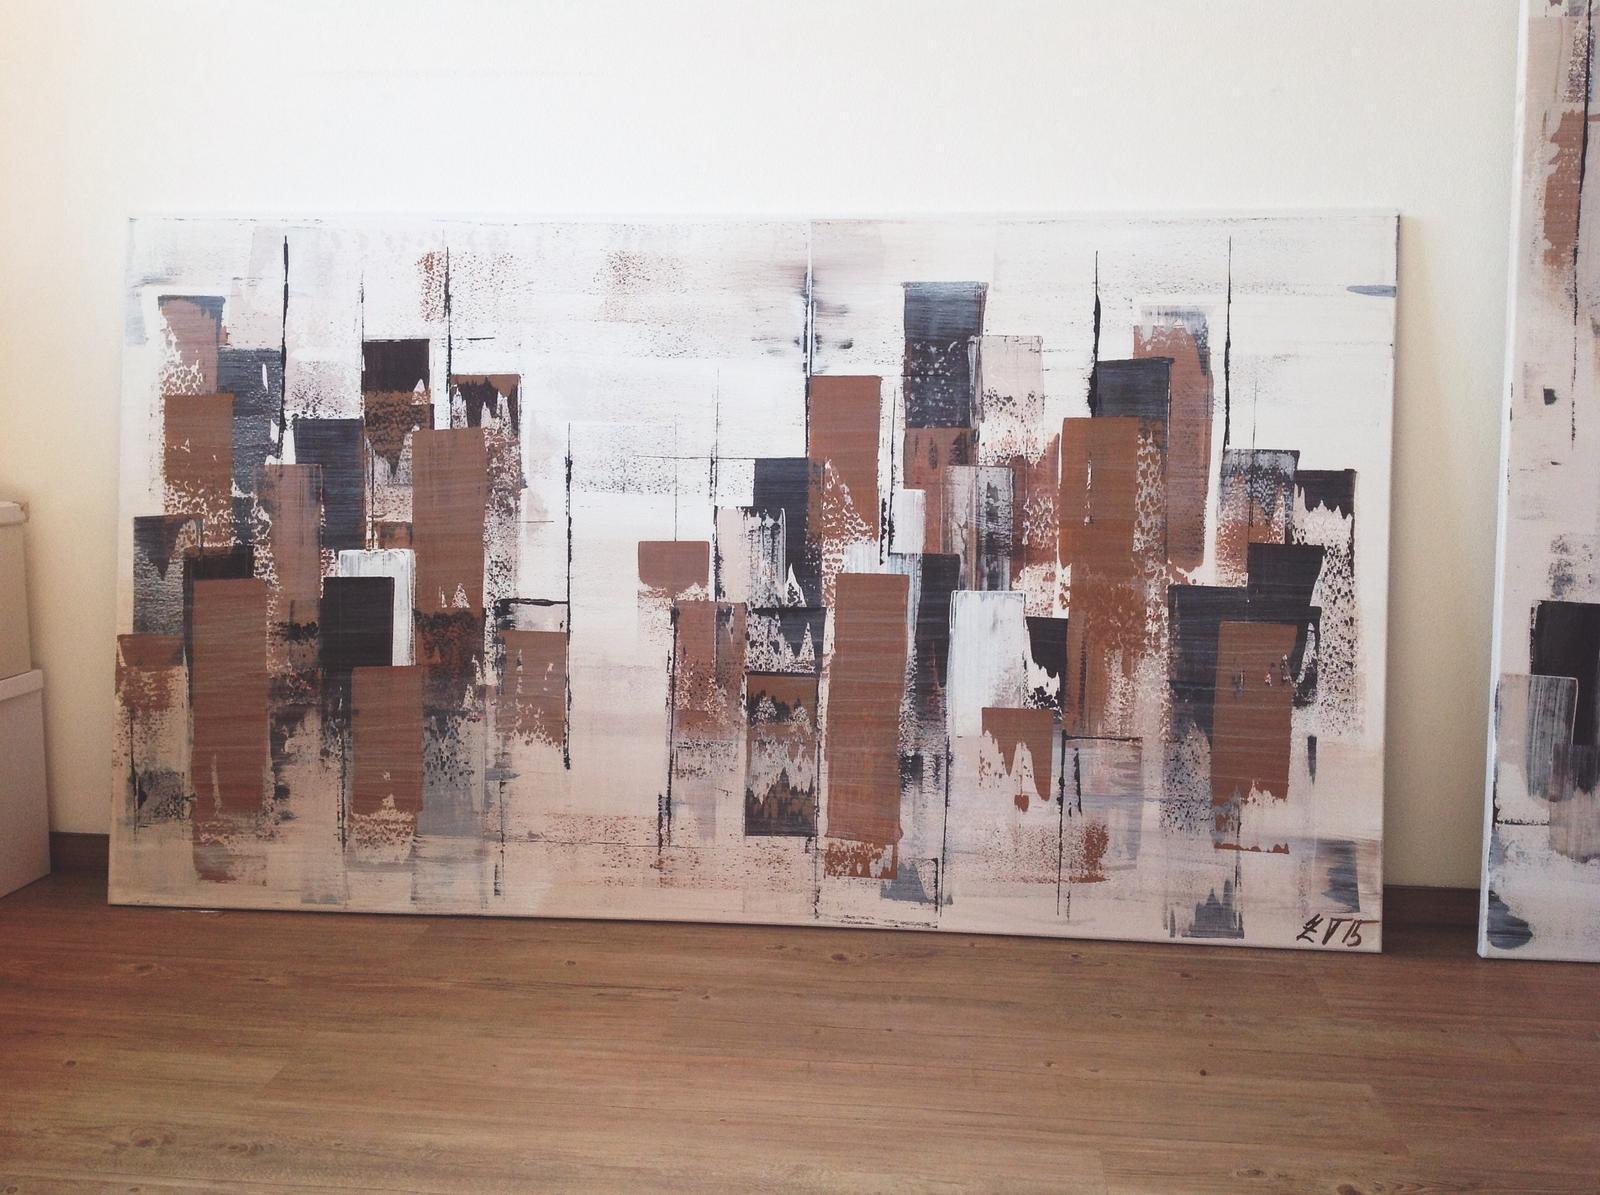 Obrazy na zakázku - Karamelové město II., akryl 2015, 180x110 cm